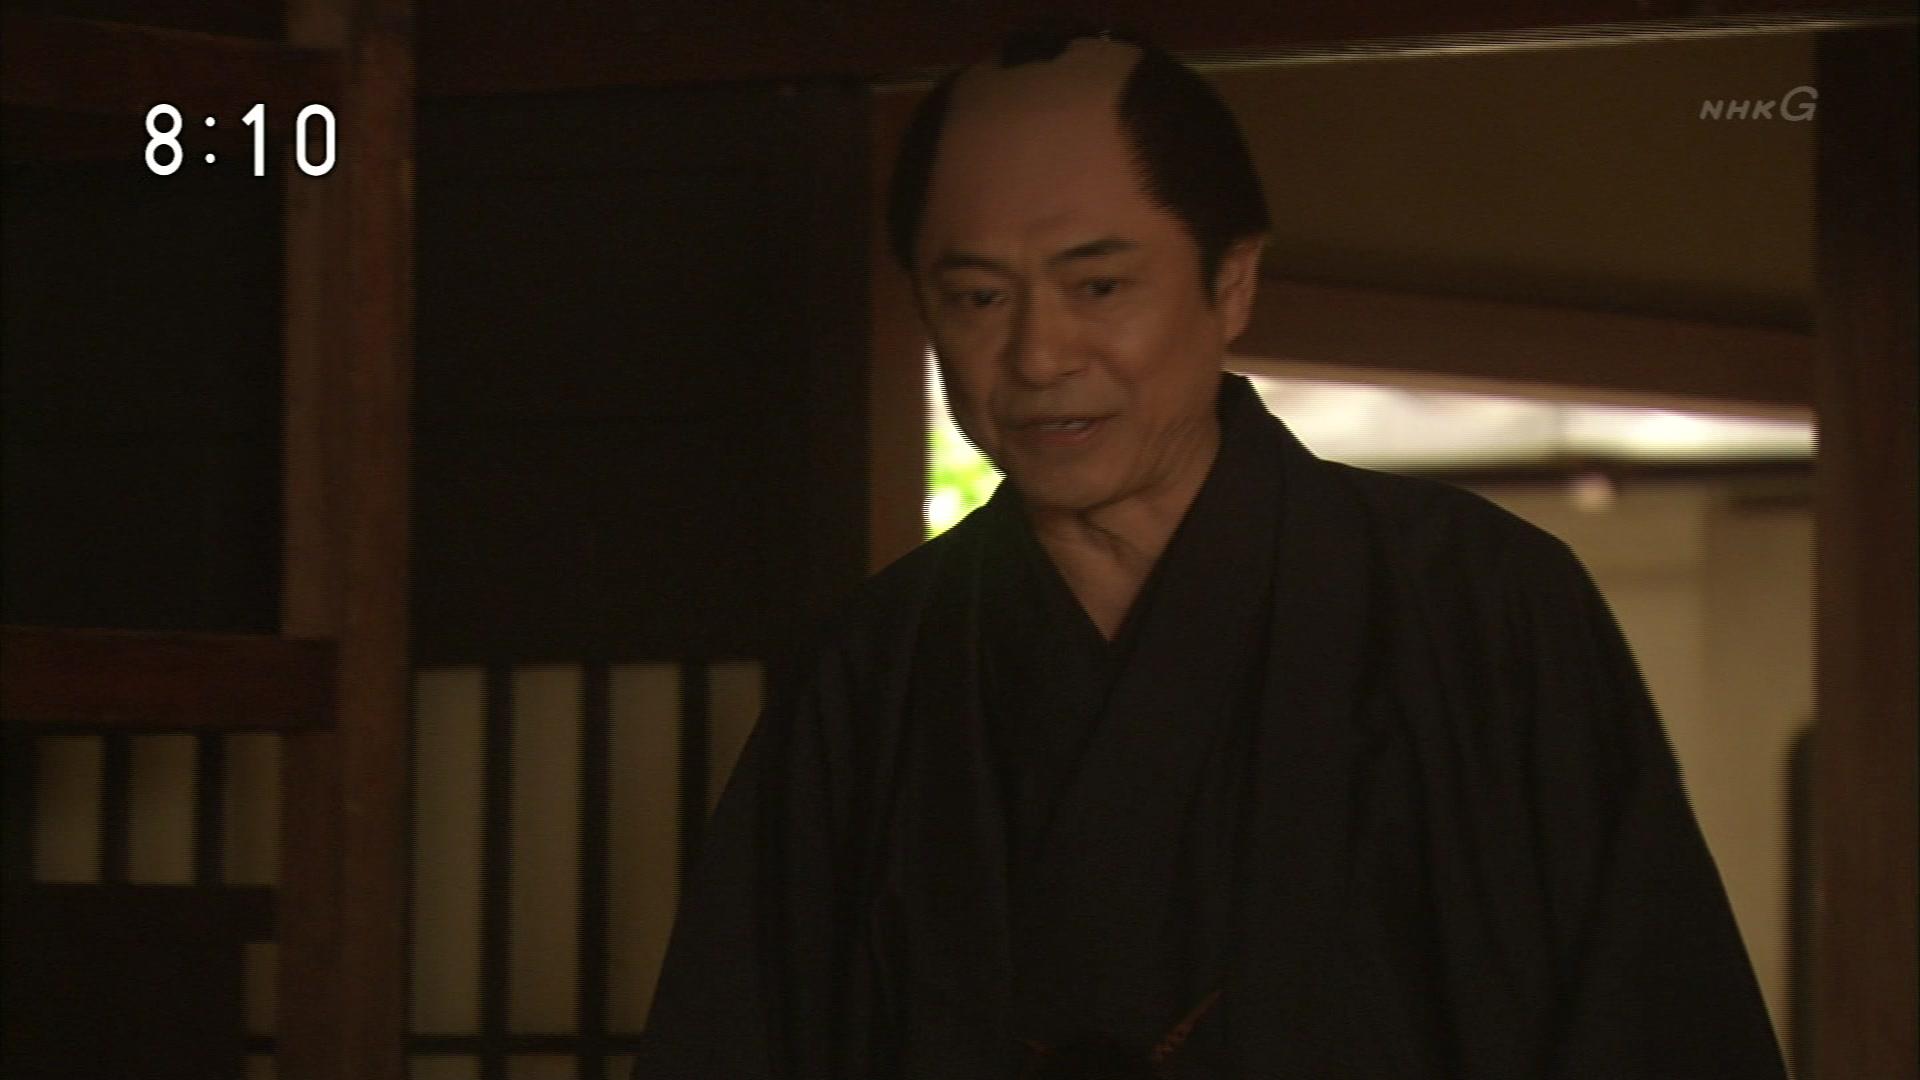 2015-10-06 08:00 連続テレビ小説 あさが来た(8)「ふたつの花びら」 1872